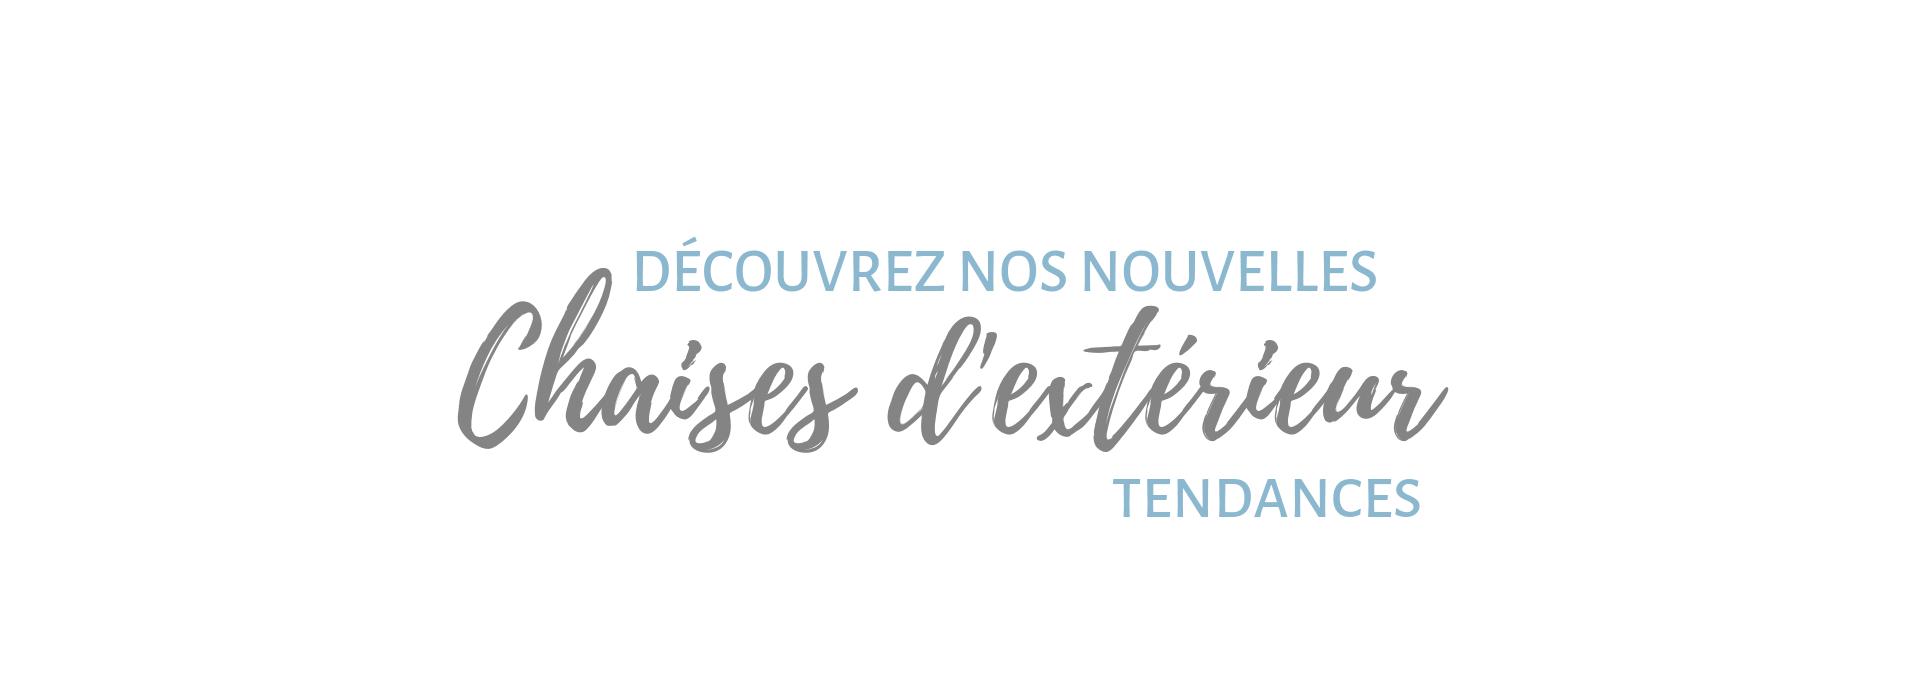 CHAISES D'EXTERIEUR - CHAISES DE JARDIN - DIIIZ